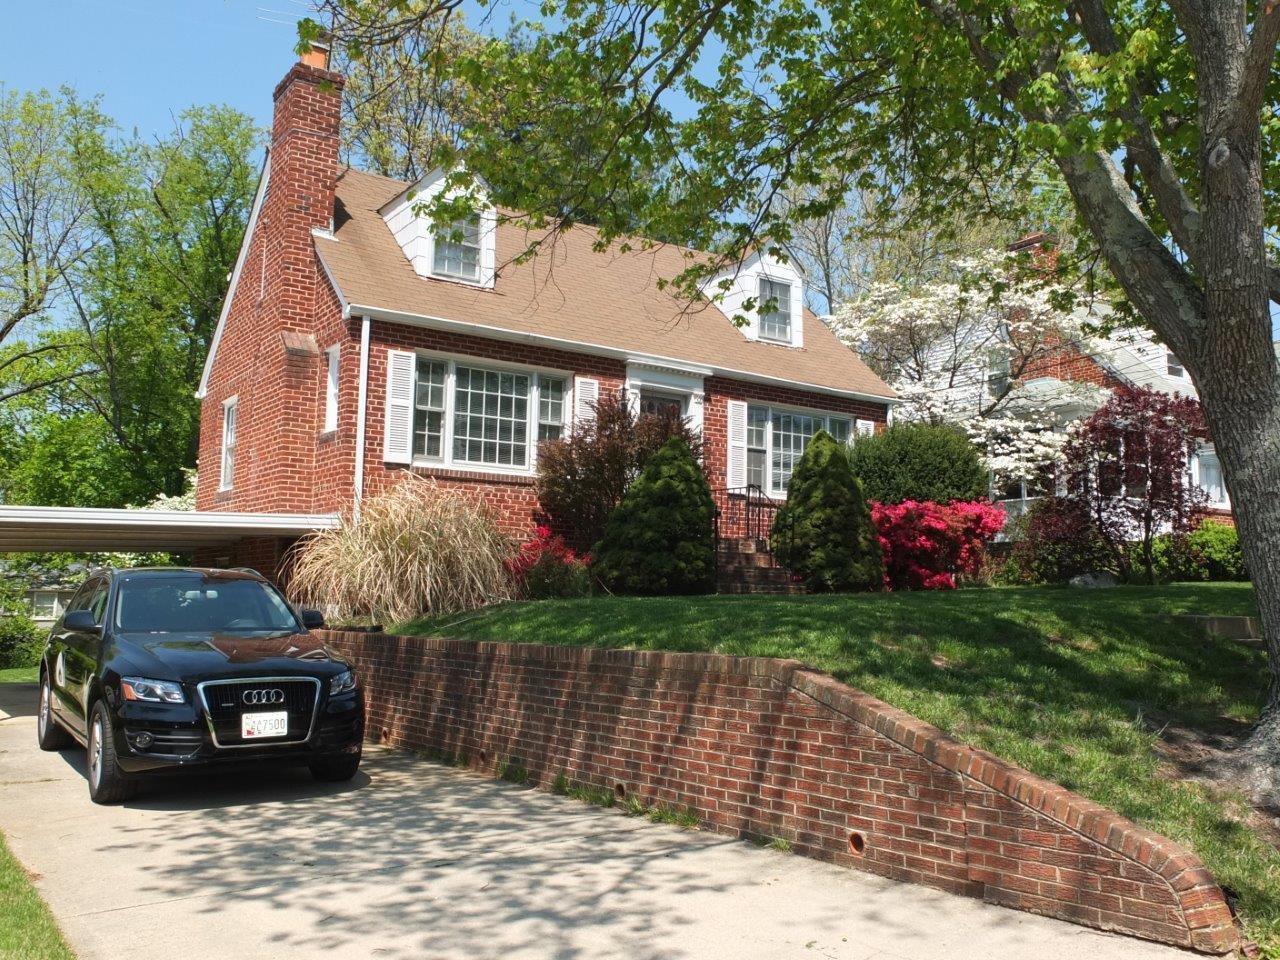 Casa Unifamiliar por un Alquiler en 9504 Milstead Dr 9504 Milstead Dr Bethesda, Maryland 20817 Estados Unidos